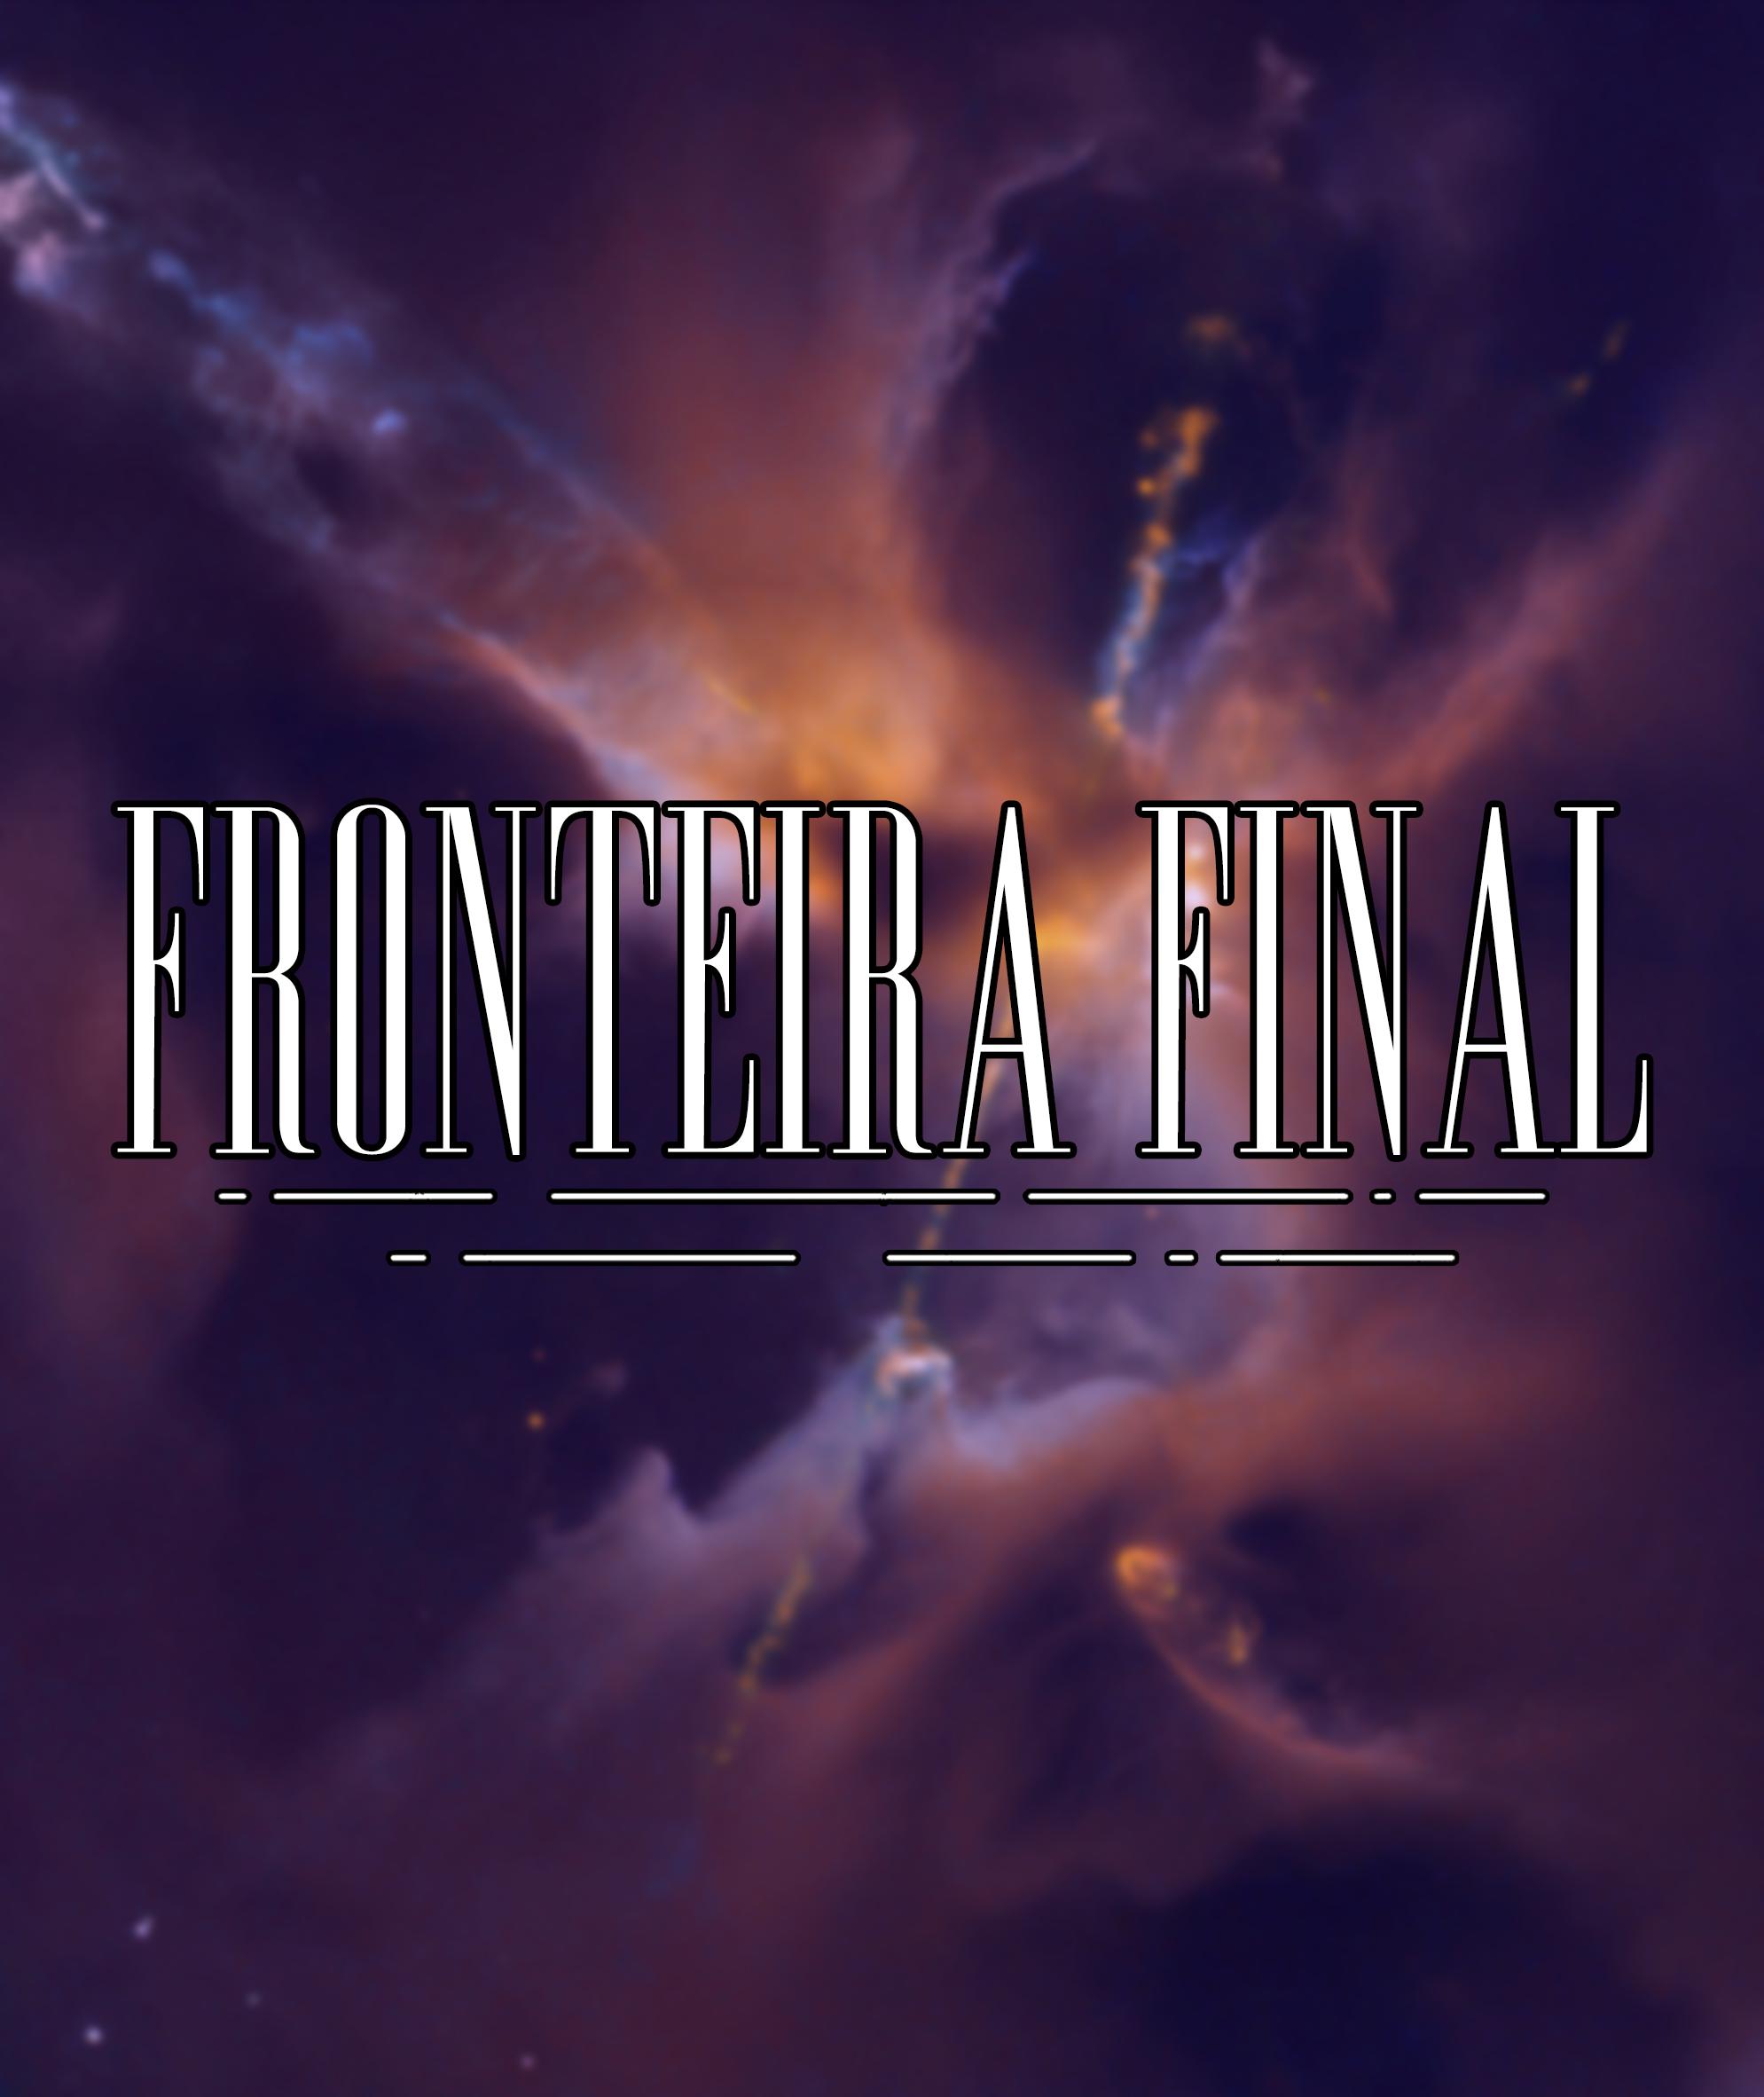 Fronteira final 02